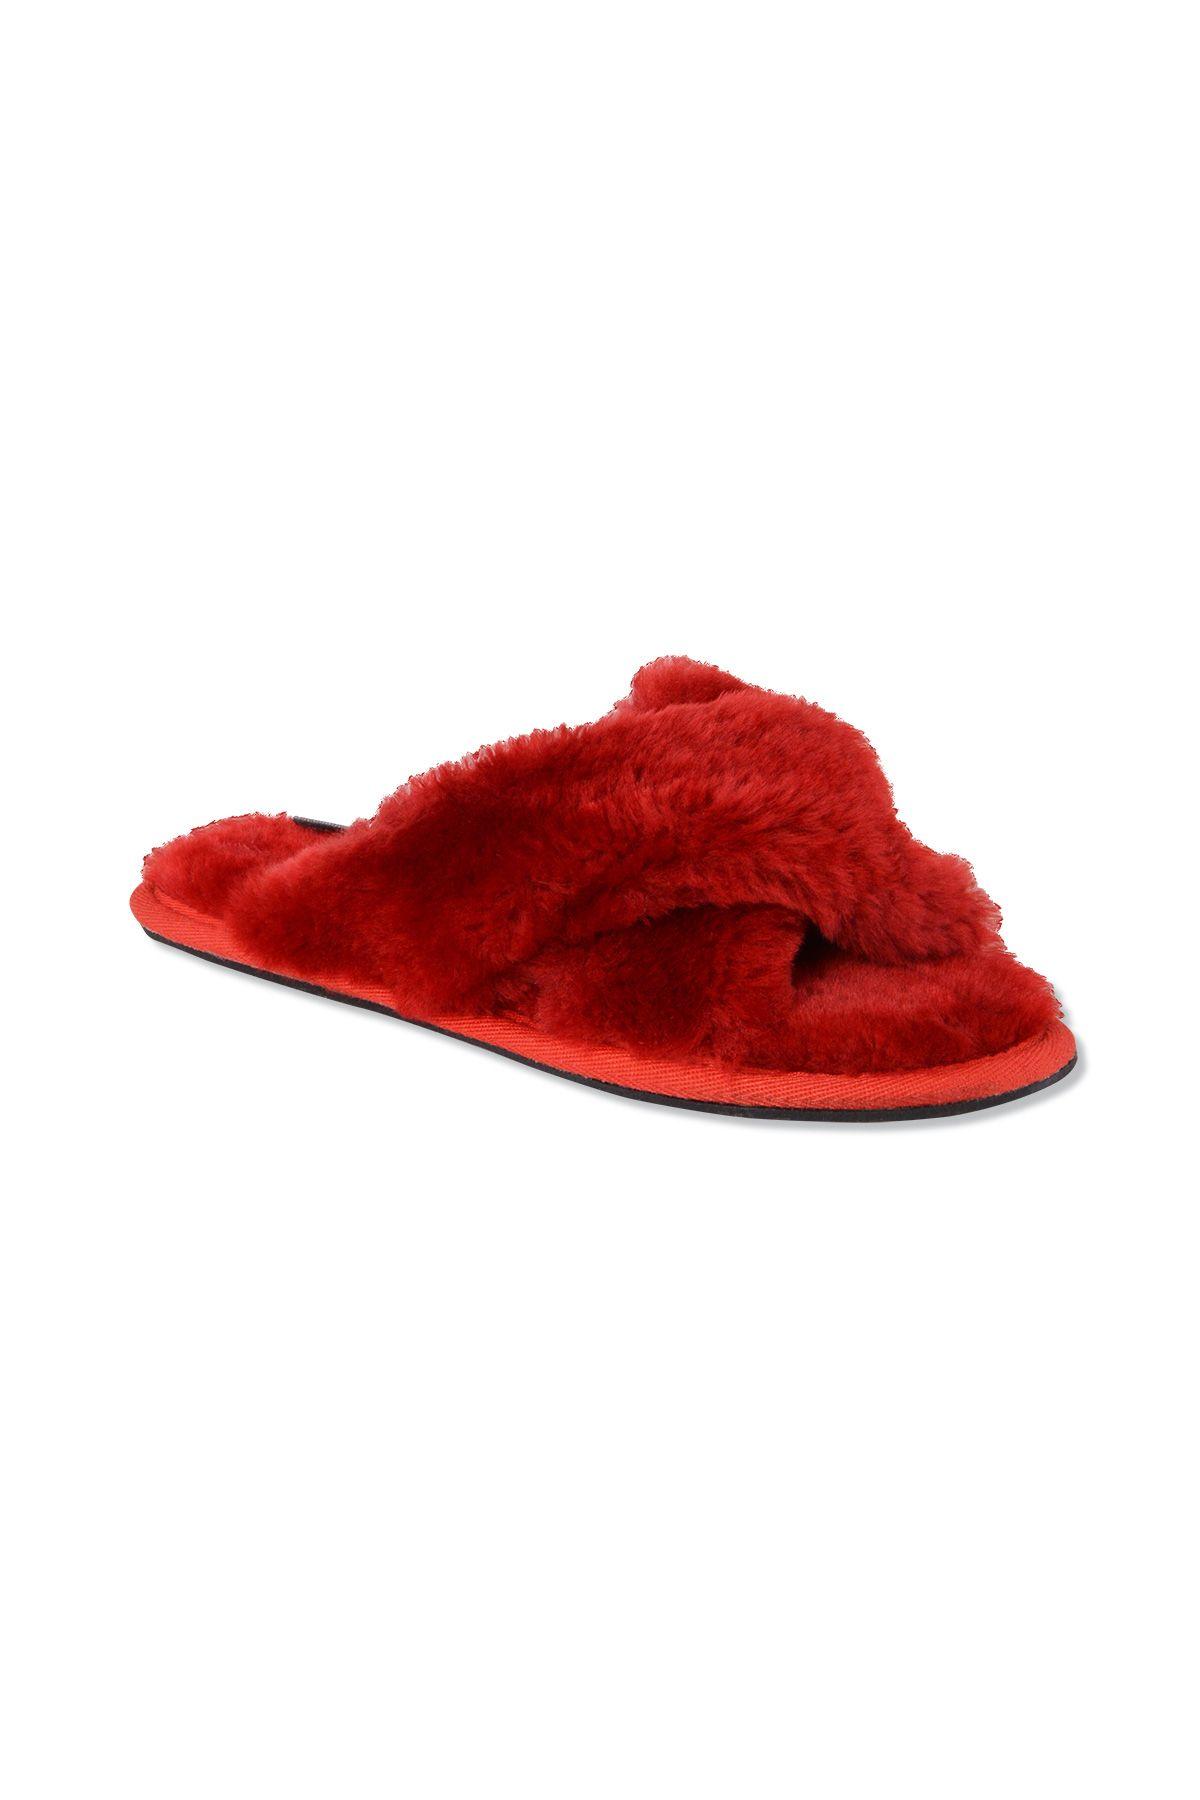 Pegia Hakiki Kürk Çapraz Bayan Ev Terliği 191096 Kırmızı